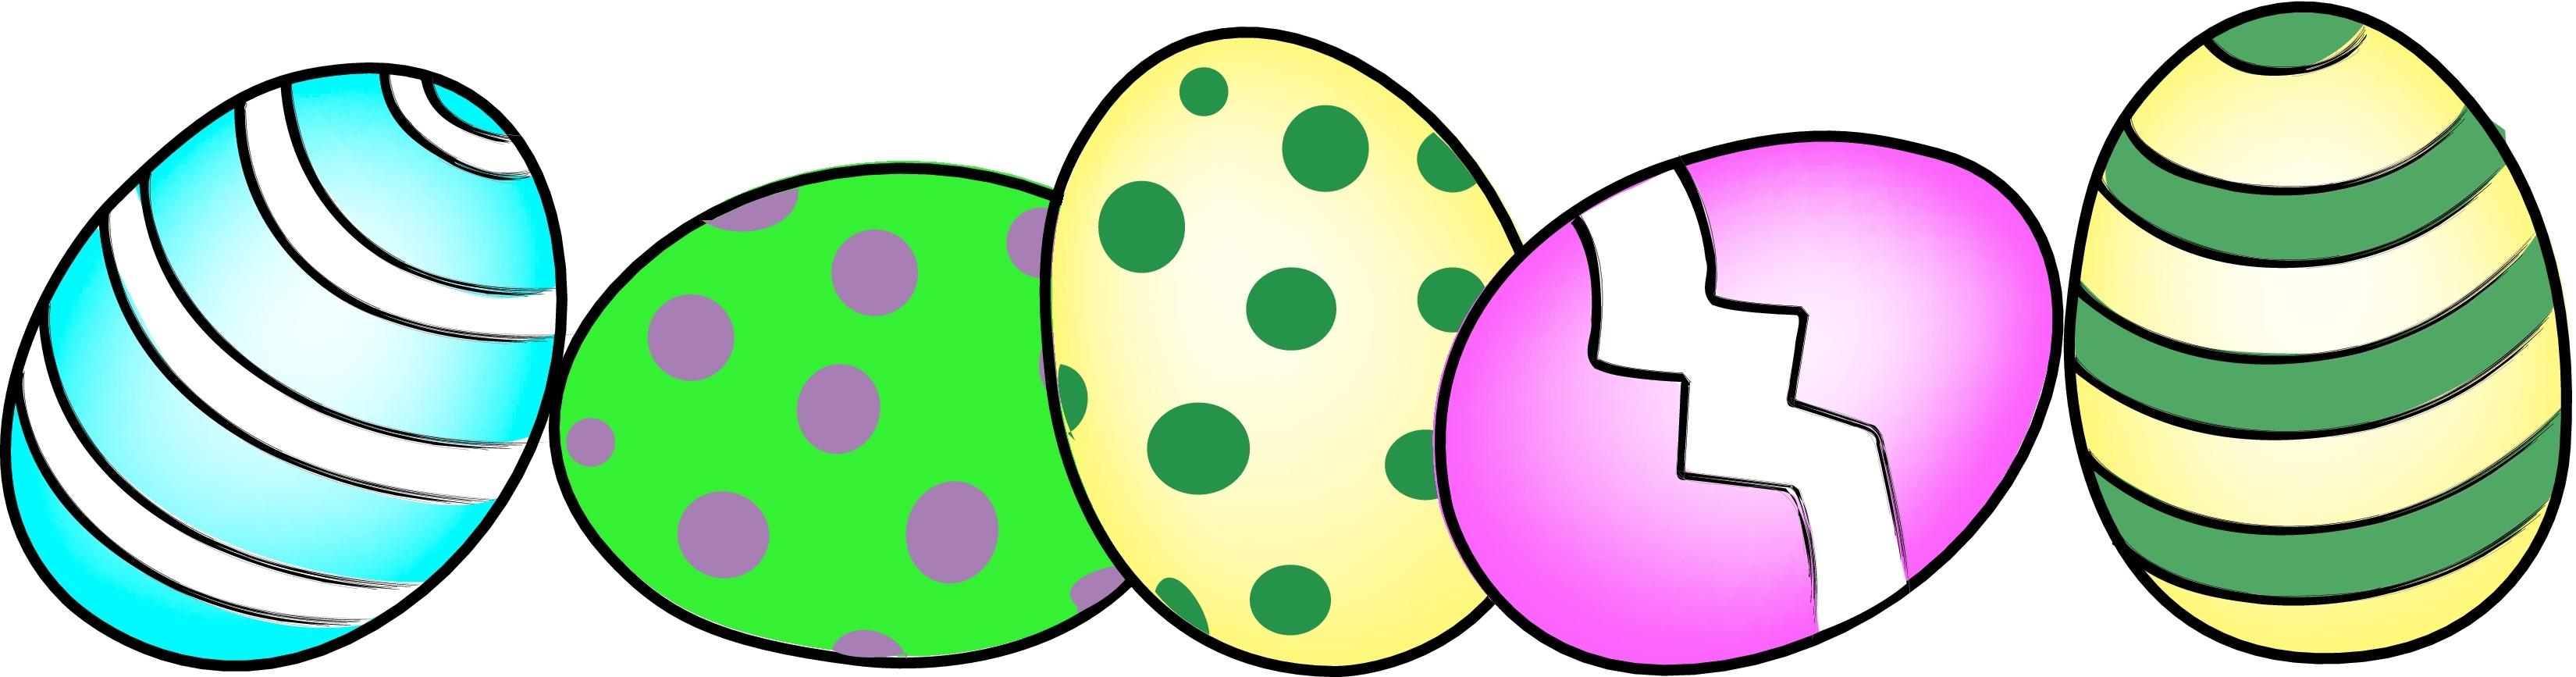 3300x867 Easter Egg Clip Art